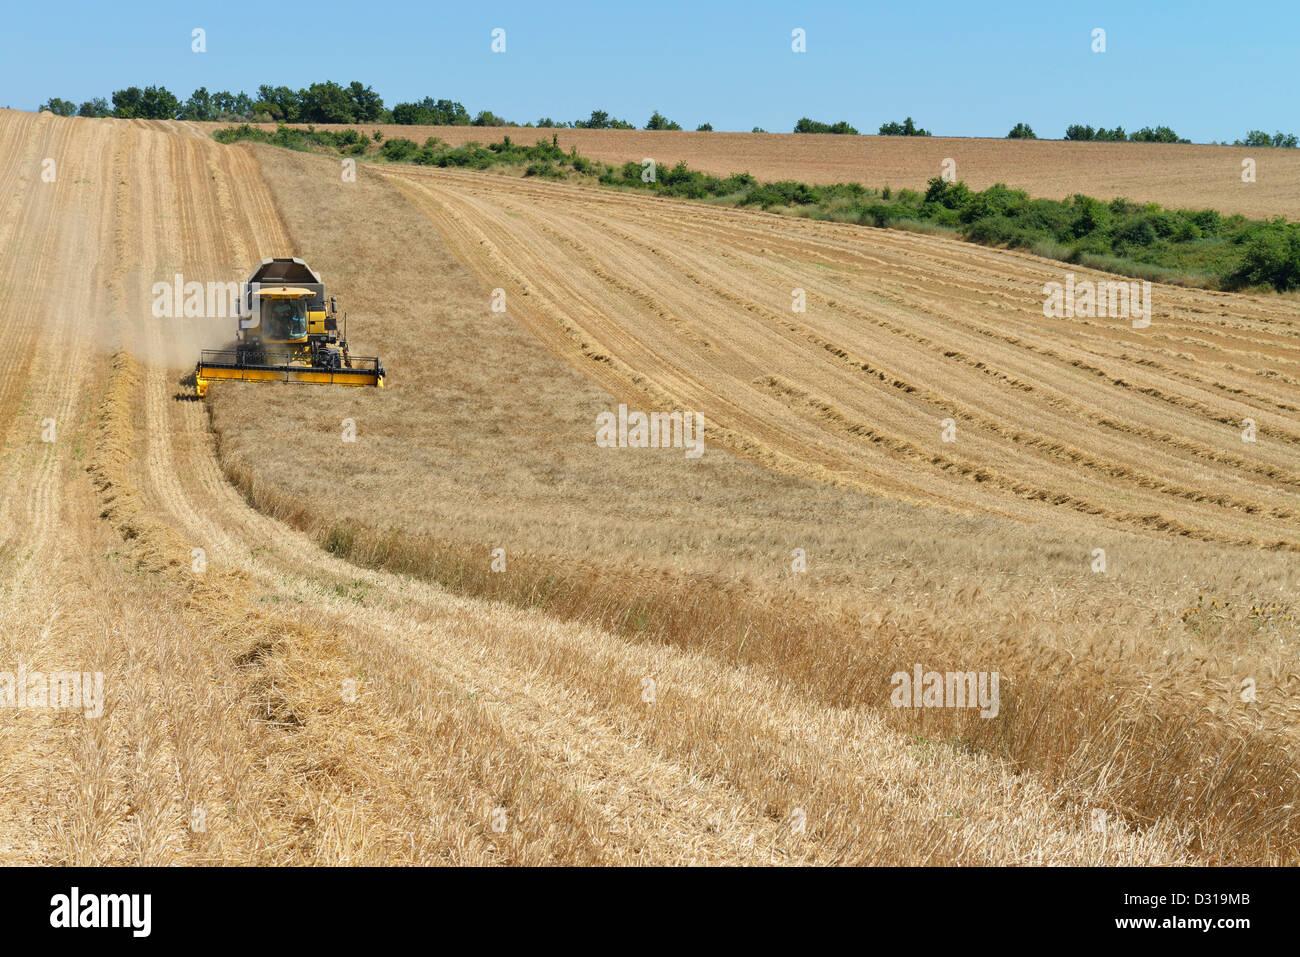 Mähdrescher im Weizenfeld im Sommer, Valensole, Provence, Frankreich Stockfoto